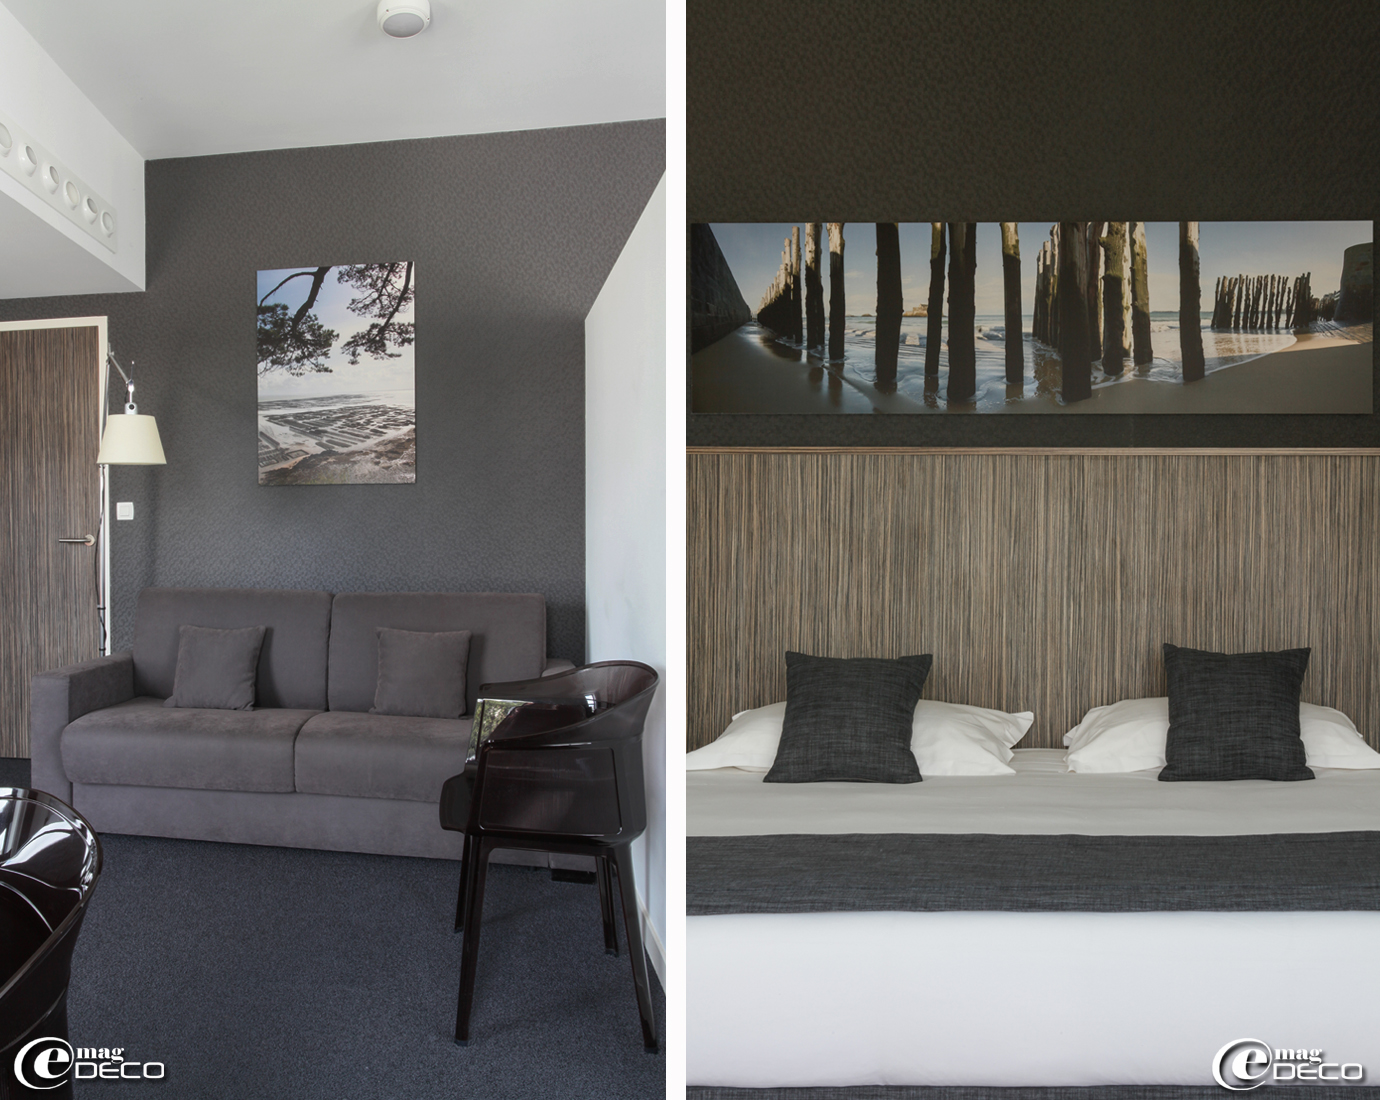 Le salon d'une Suite de l'hôtel Best Western Balmoral à Saint-Malo est équipé d'un lampadaire articulé 'Artemide' et de fauteuils 'Papyrus' créés par Ronan et Erwan Bouroullec pour 'Kartell'